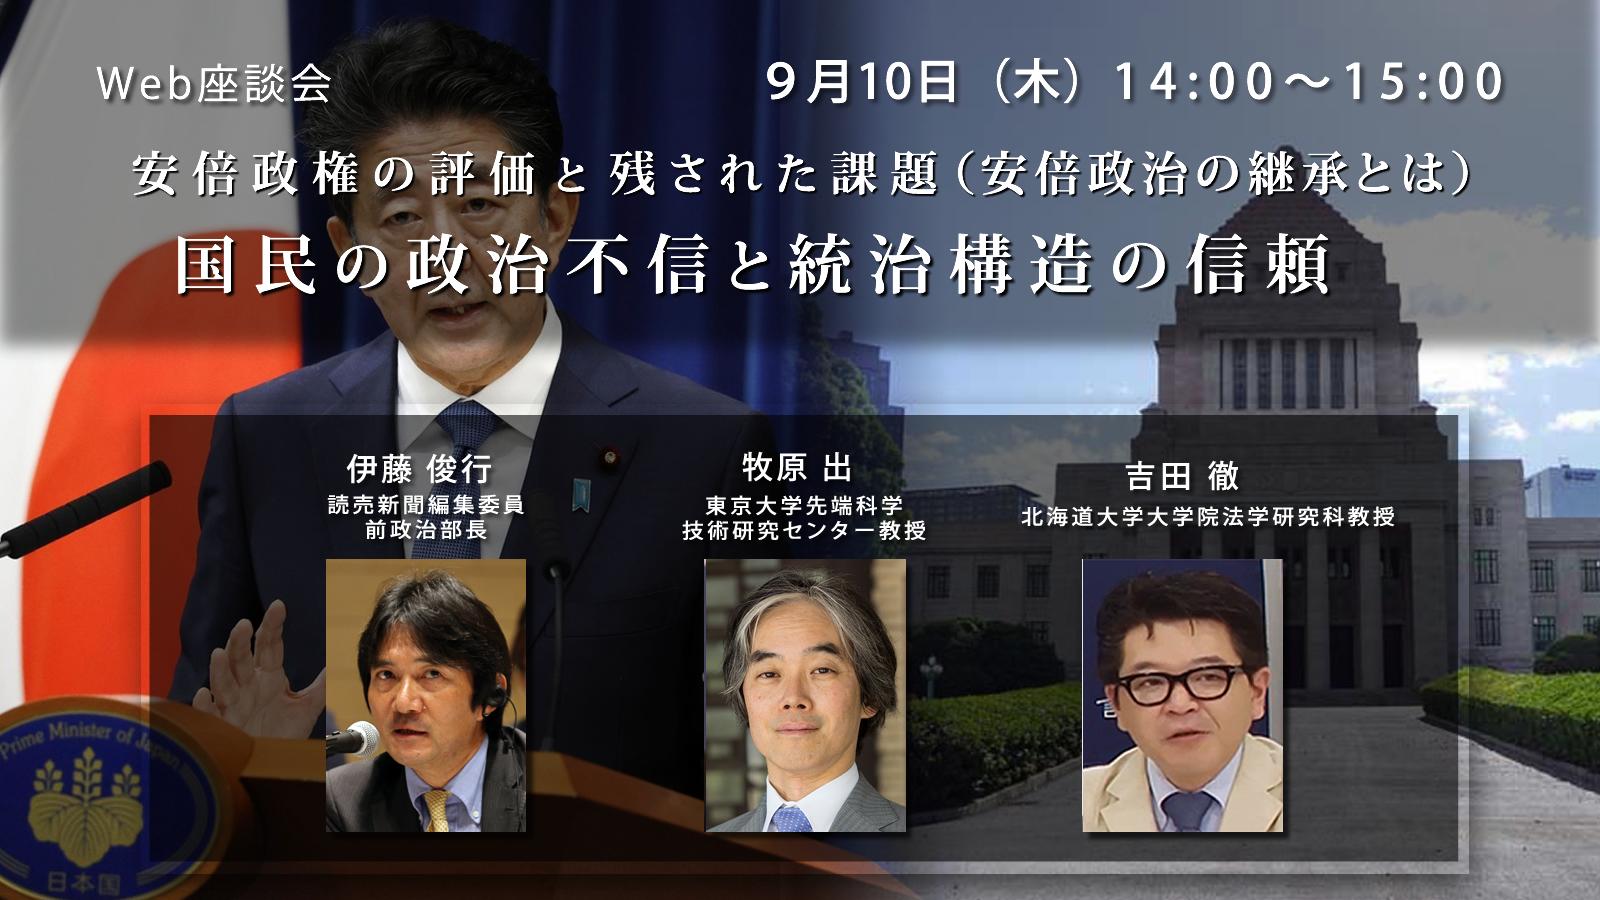 200910_次期政権_1600×900.jpg